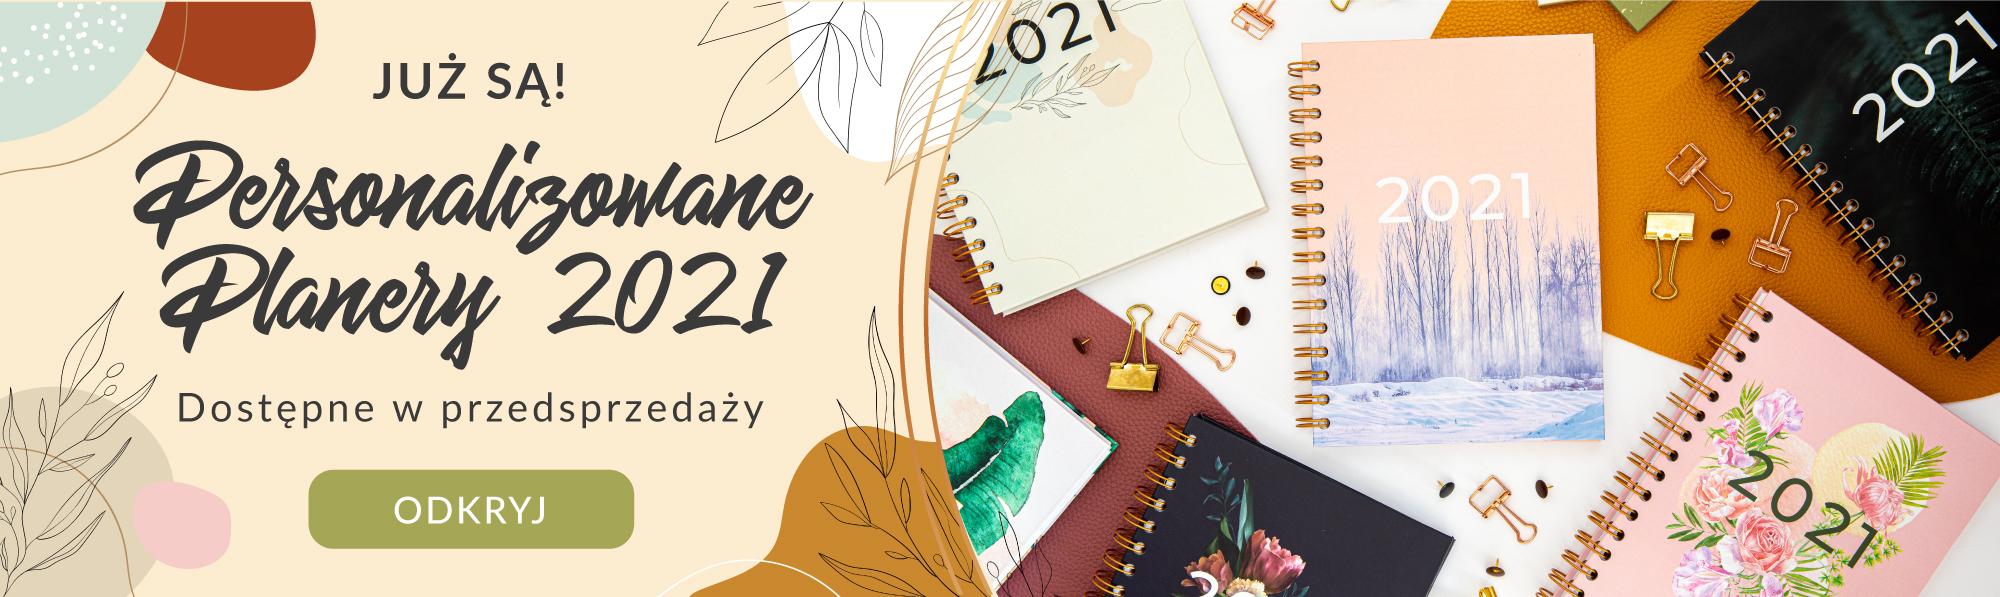 Personalizowany Planer 2021, przedsprzedaż baner